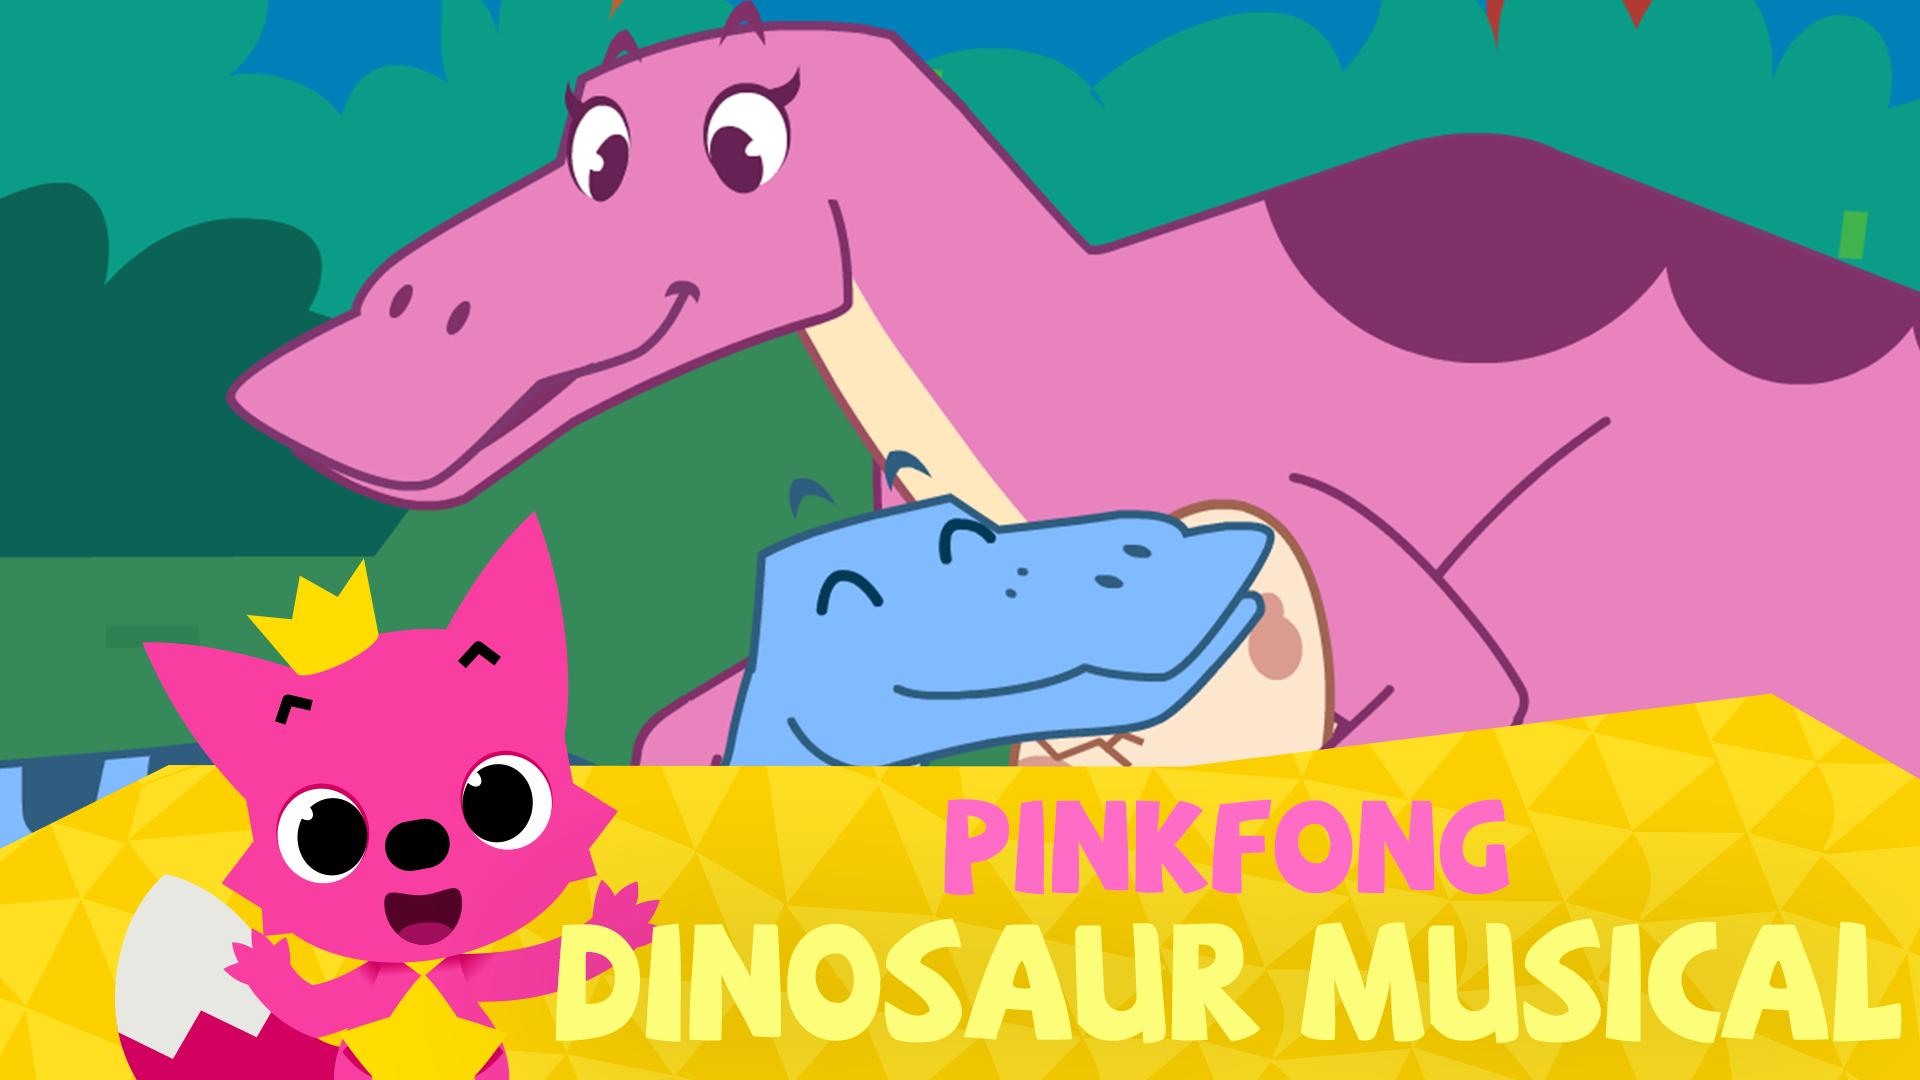 Pinkfong! Dinosaur Musical Stories